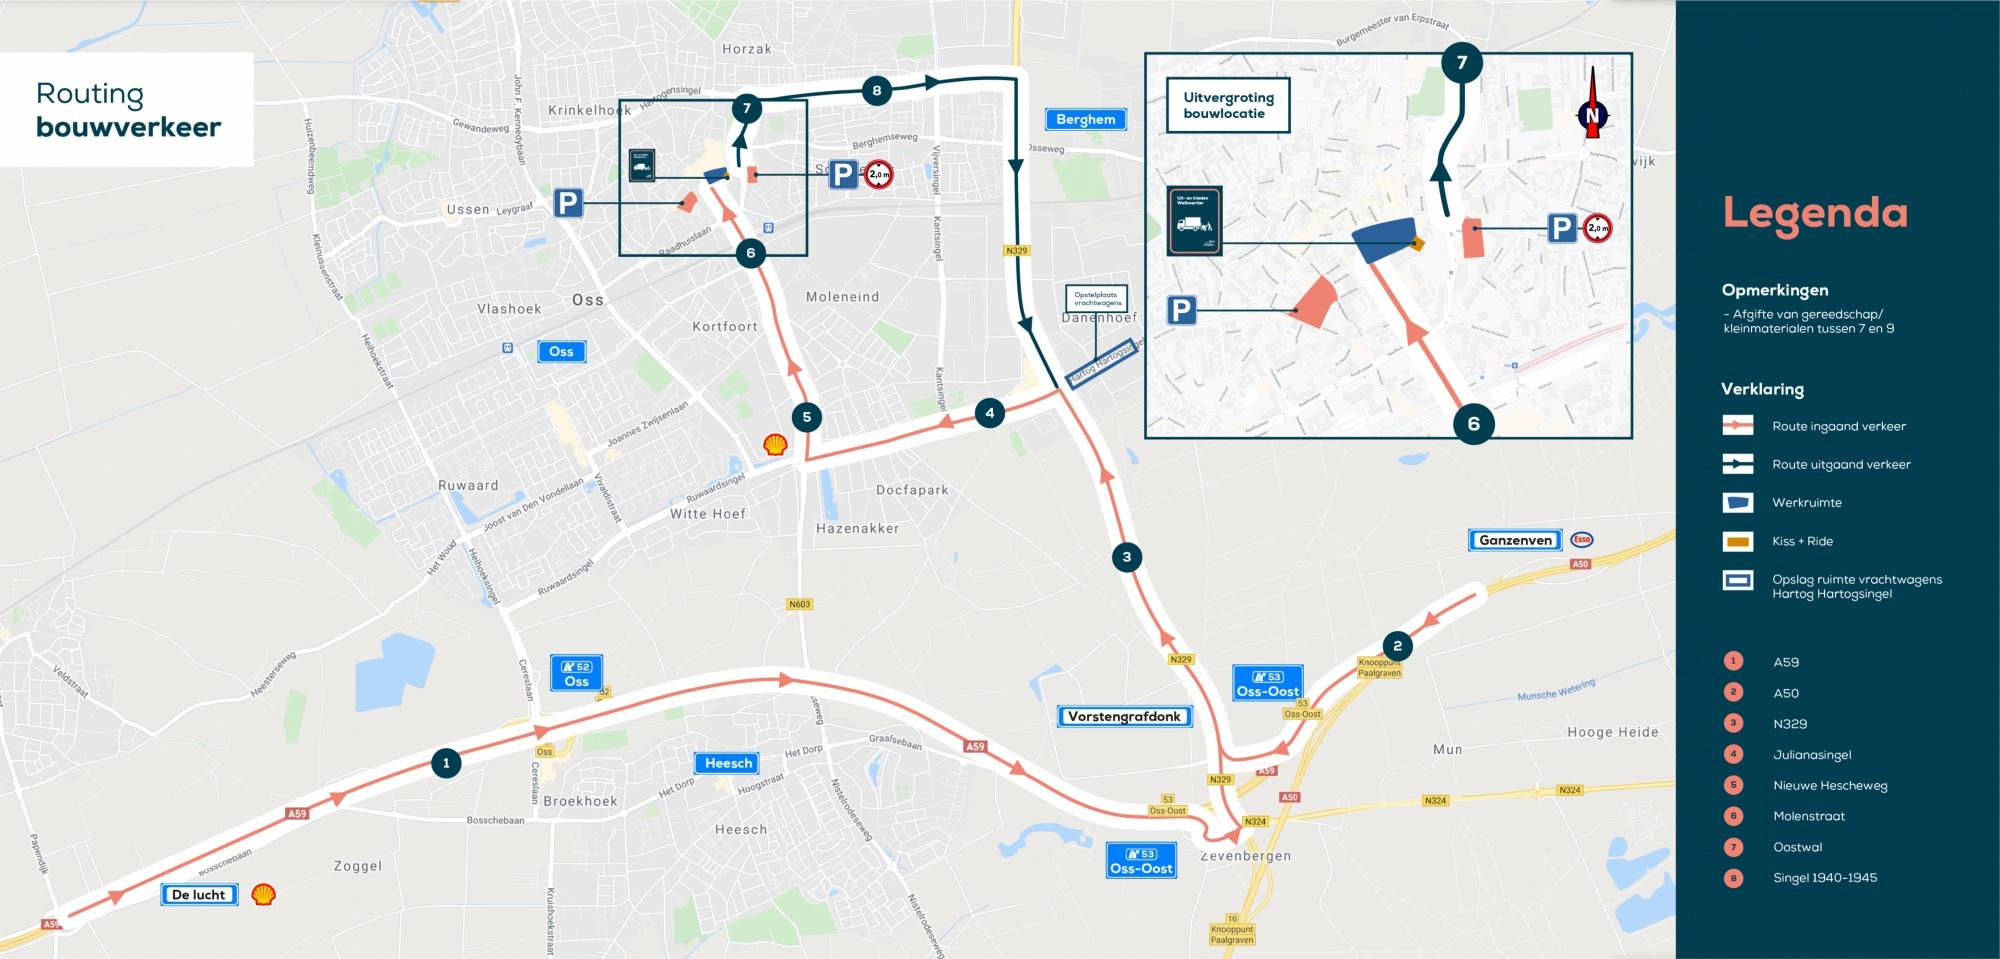 Een aparte route voor het bouwverkeer wat naar het Walkwartier moet.